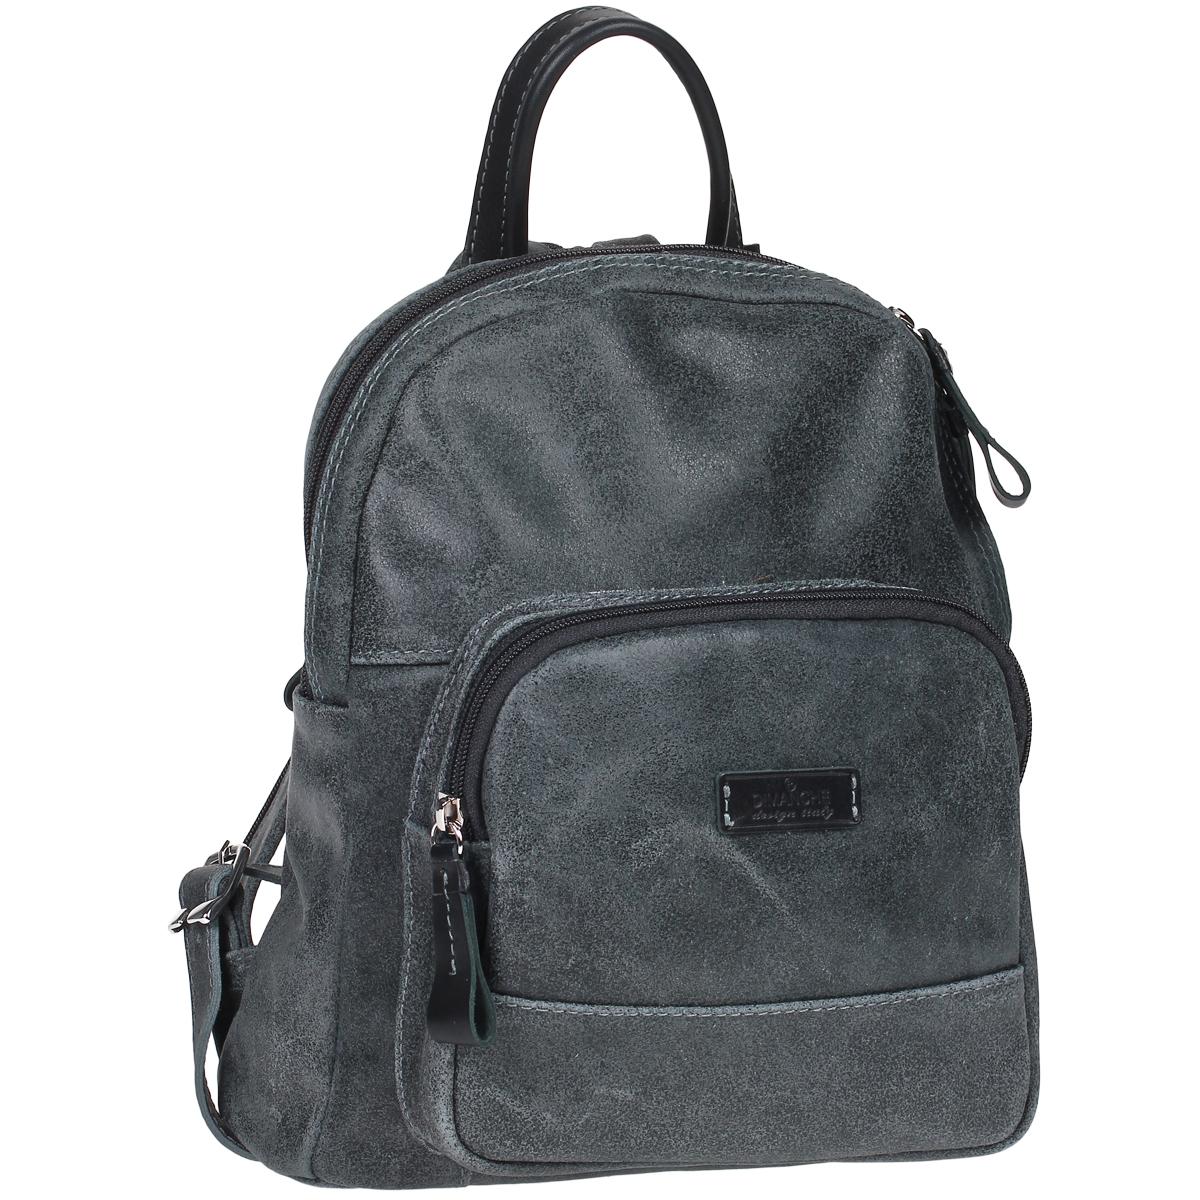 Рюкзак Dimanche, цвет: темно-серый. 468/36BM8434-58AEСтильный рюкзак Dimanche выполнен из натуральной кожи темно-серого цвета. Рюкзак имеет одно основное отделение, которое закрывается на застежку-молнию. Внутри - открытый карман и два накладных кармашка для телефона и мелких бумаг. С лицевой и задней стороны рюкзака расположены дополнительные карманы на застежке-молнии.Рюкзак оснащен двумя лямки регулируемой длины, которые при помощи молнии соединяются в одну и удобной ручкой для переноски. Фурнитура - серебристого цвета. Рюкзак упакован в фирменный текстильный мешок.Стильный рюкзак Dimanche станет финальным штрихом в создании вашего неповторимого образа. Характеристики: Материал: натуральная кожа, текстиль, металл. Цвет: темно-серый. Размер рюкзака: 25 см х 28 см х 13 см. Высота ручки: 10 см. Длина лямок (регулируется): 73 см.